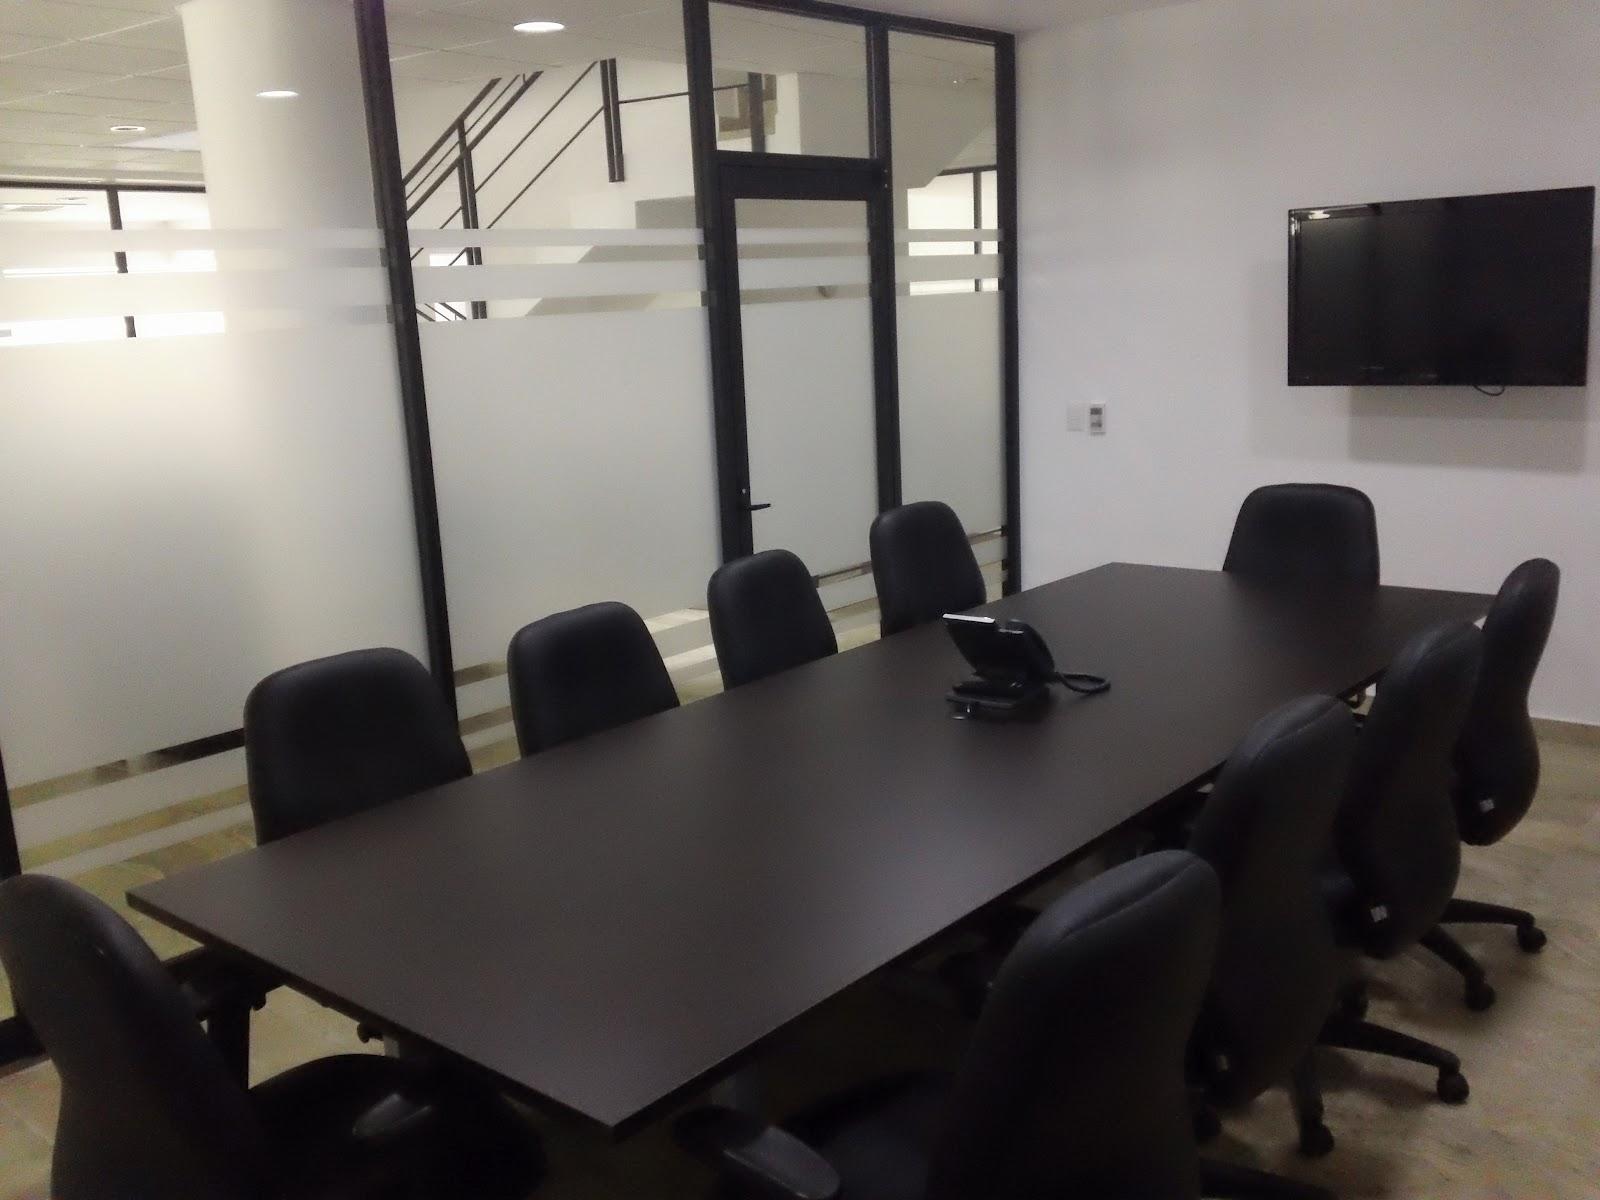 Niza business center tus reuniones de trabajo en el mejor centro de negocios de puerto vallarta - Trabajo en el puerto ...